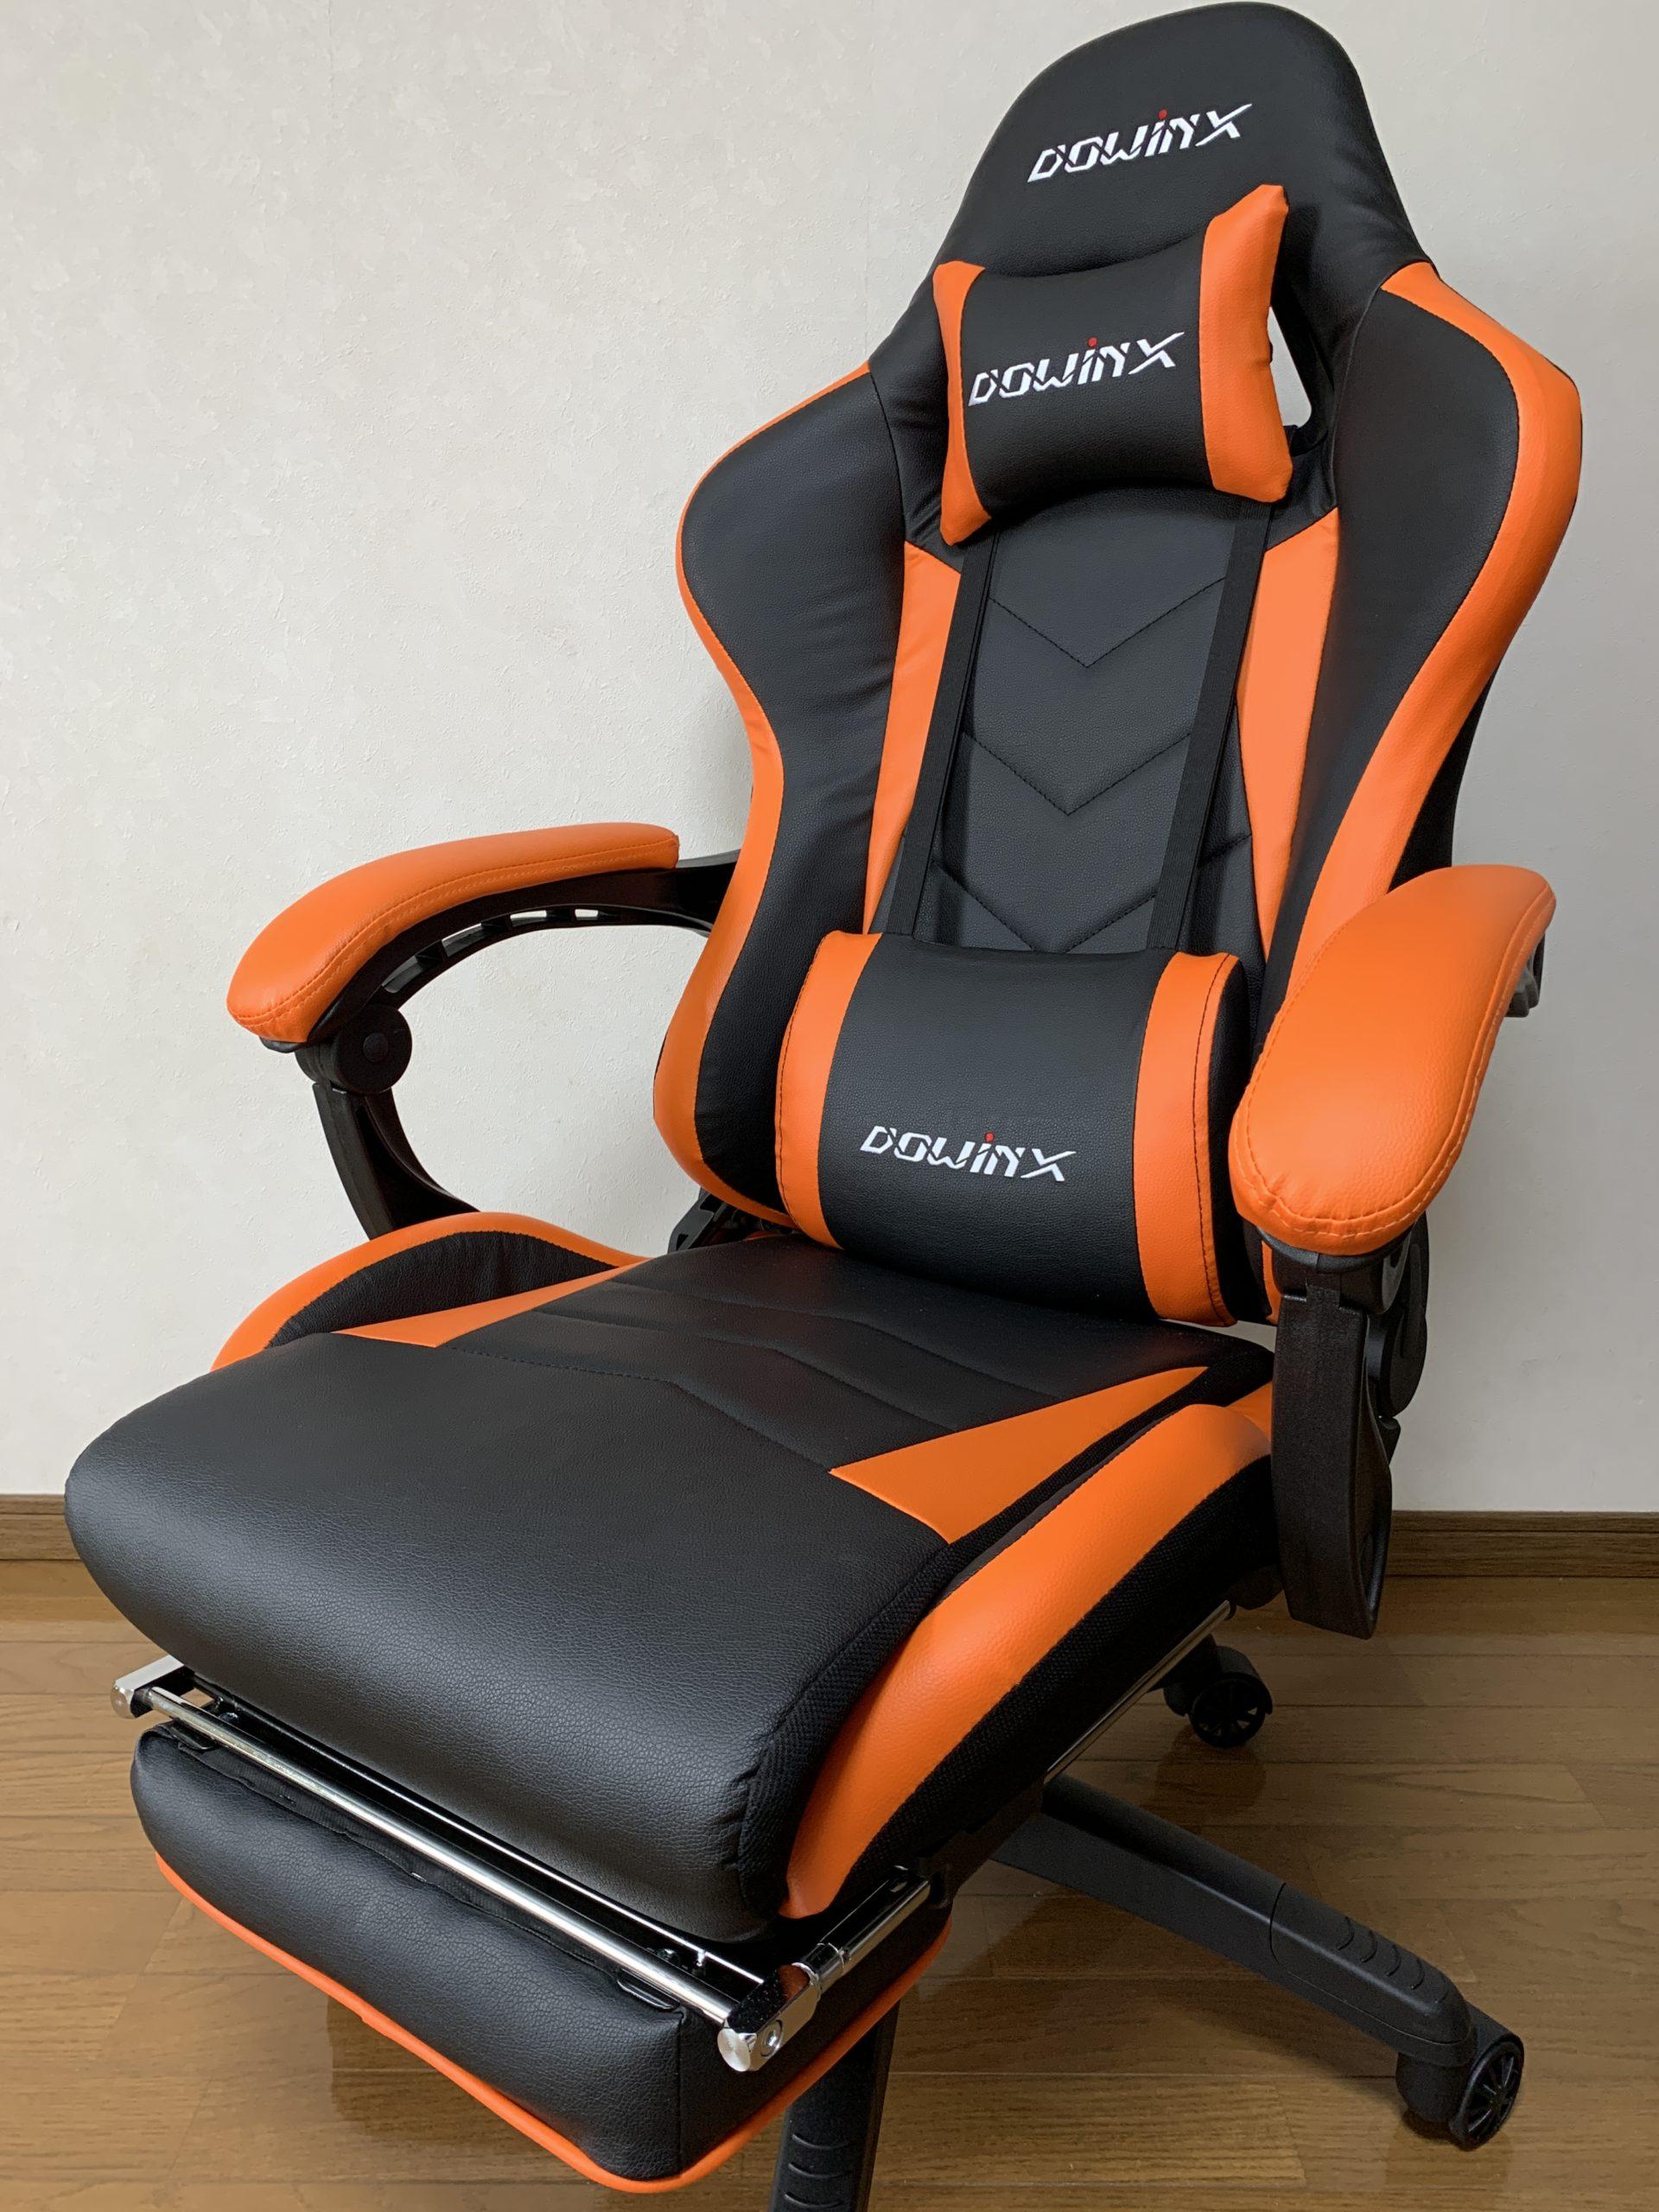 Dowinx ゲーミンチェア 毎日座り続けても腰が痛くならない